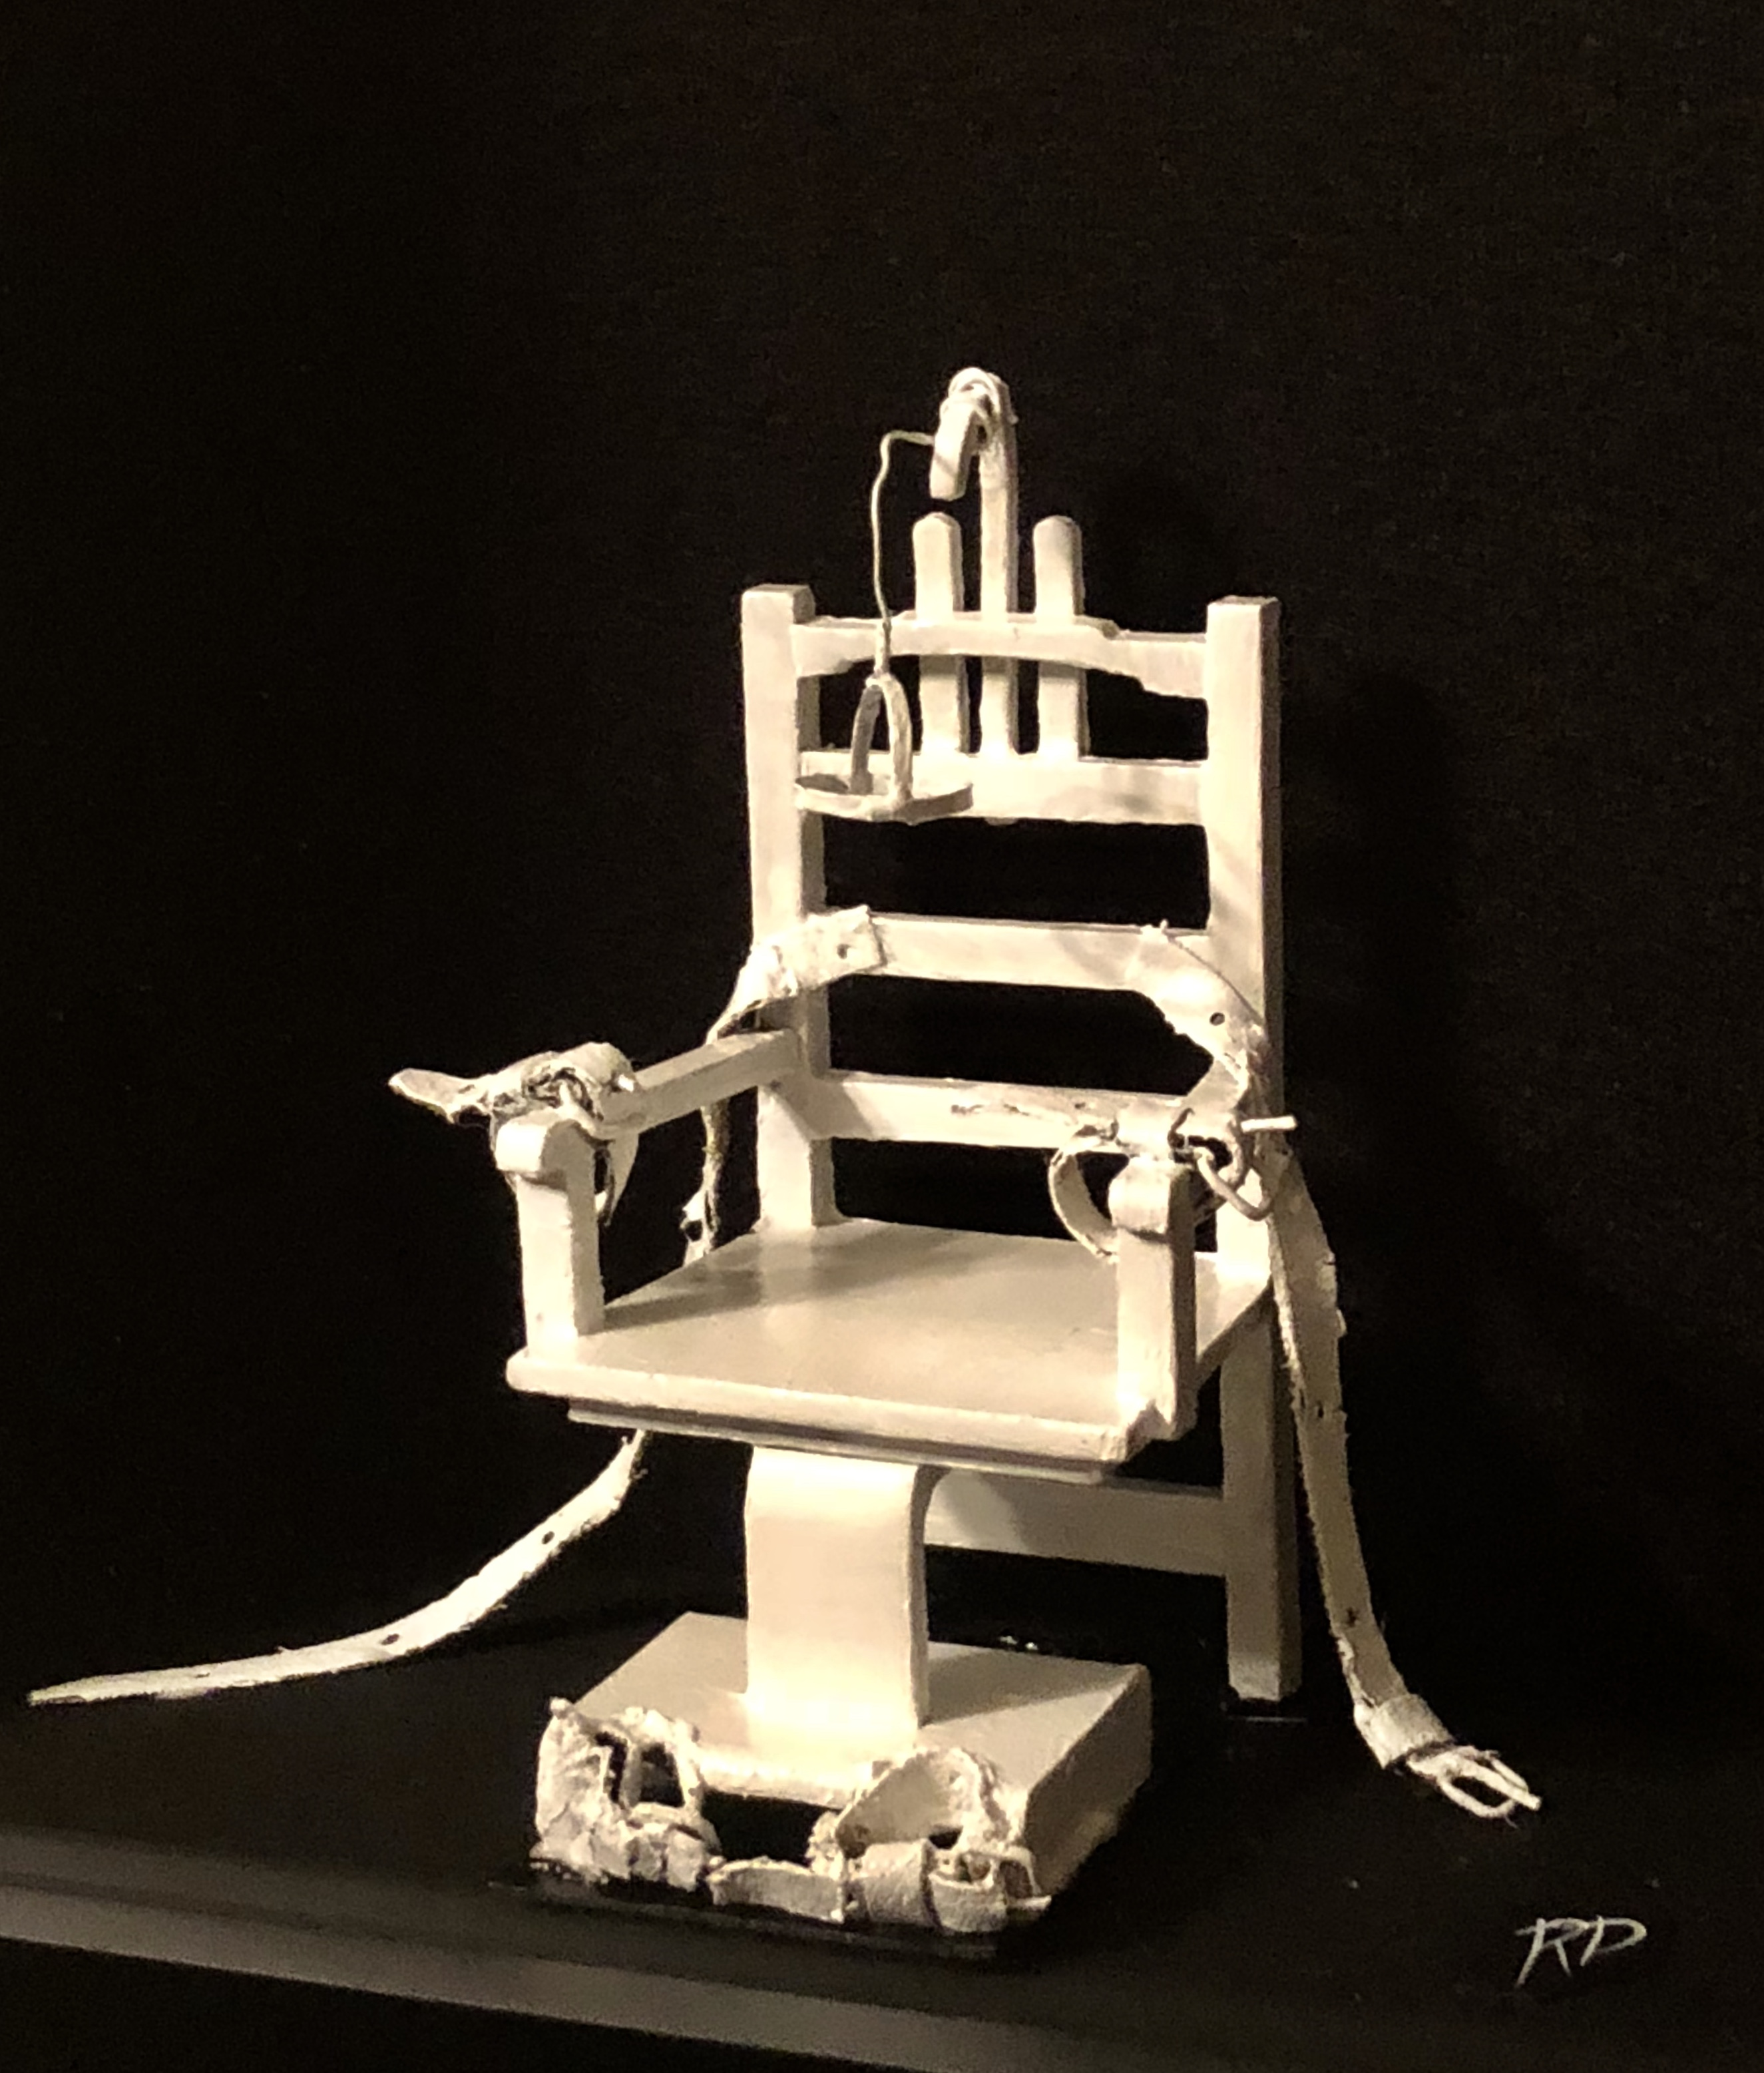 Whitewashed – ORIGINAL 3D art